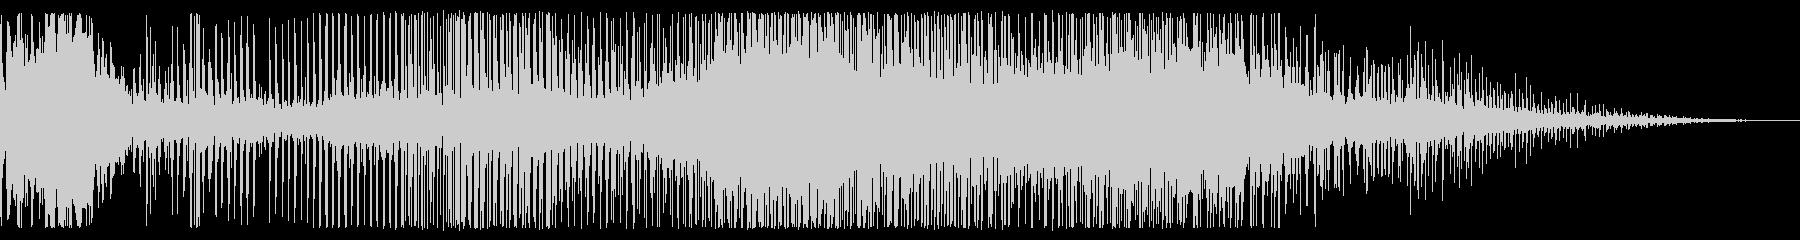 クリーク&ベル、データ処理、リング...の未再生の波形